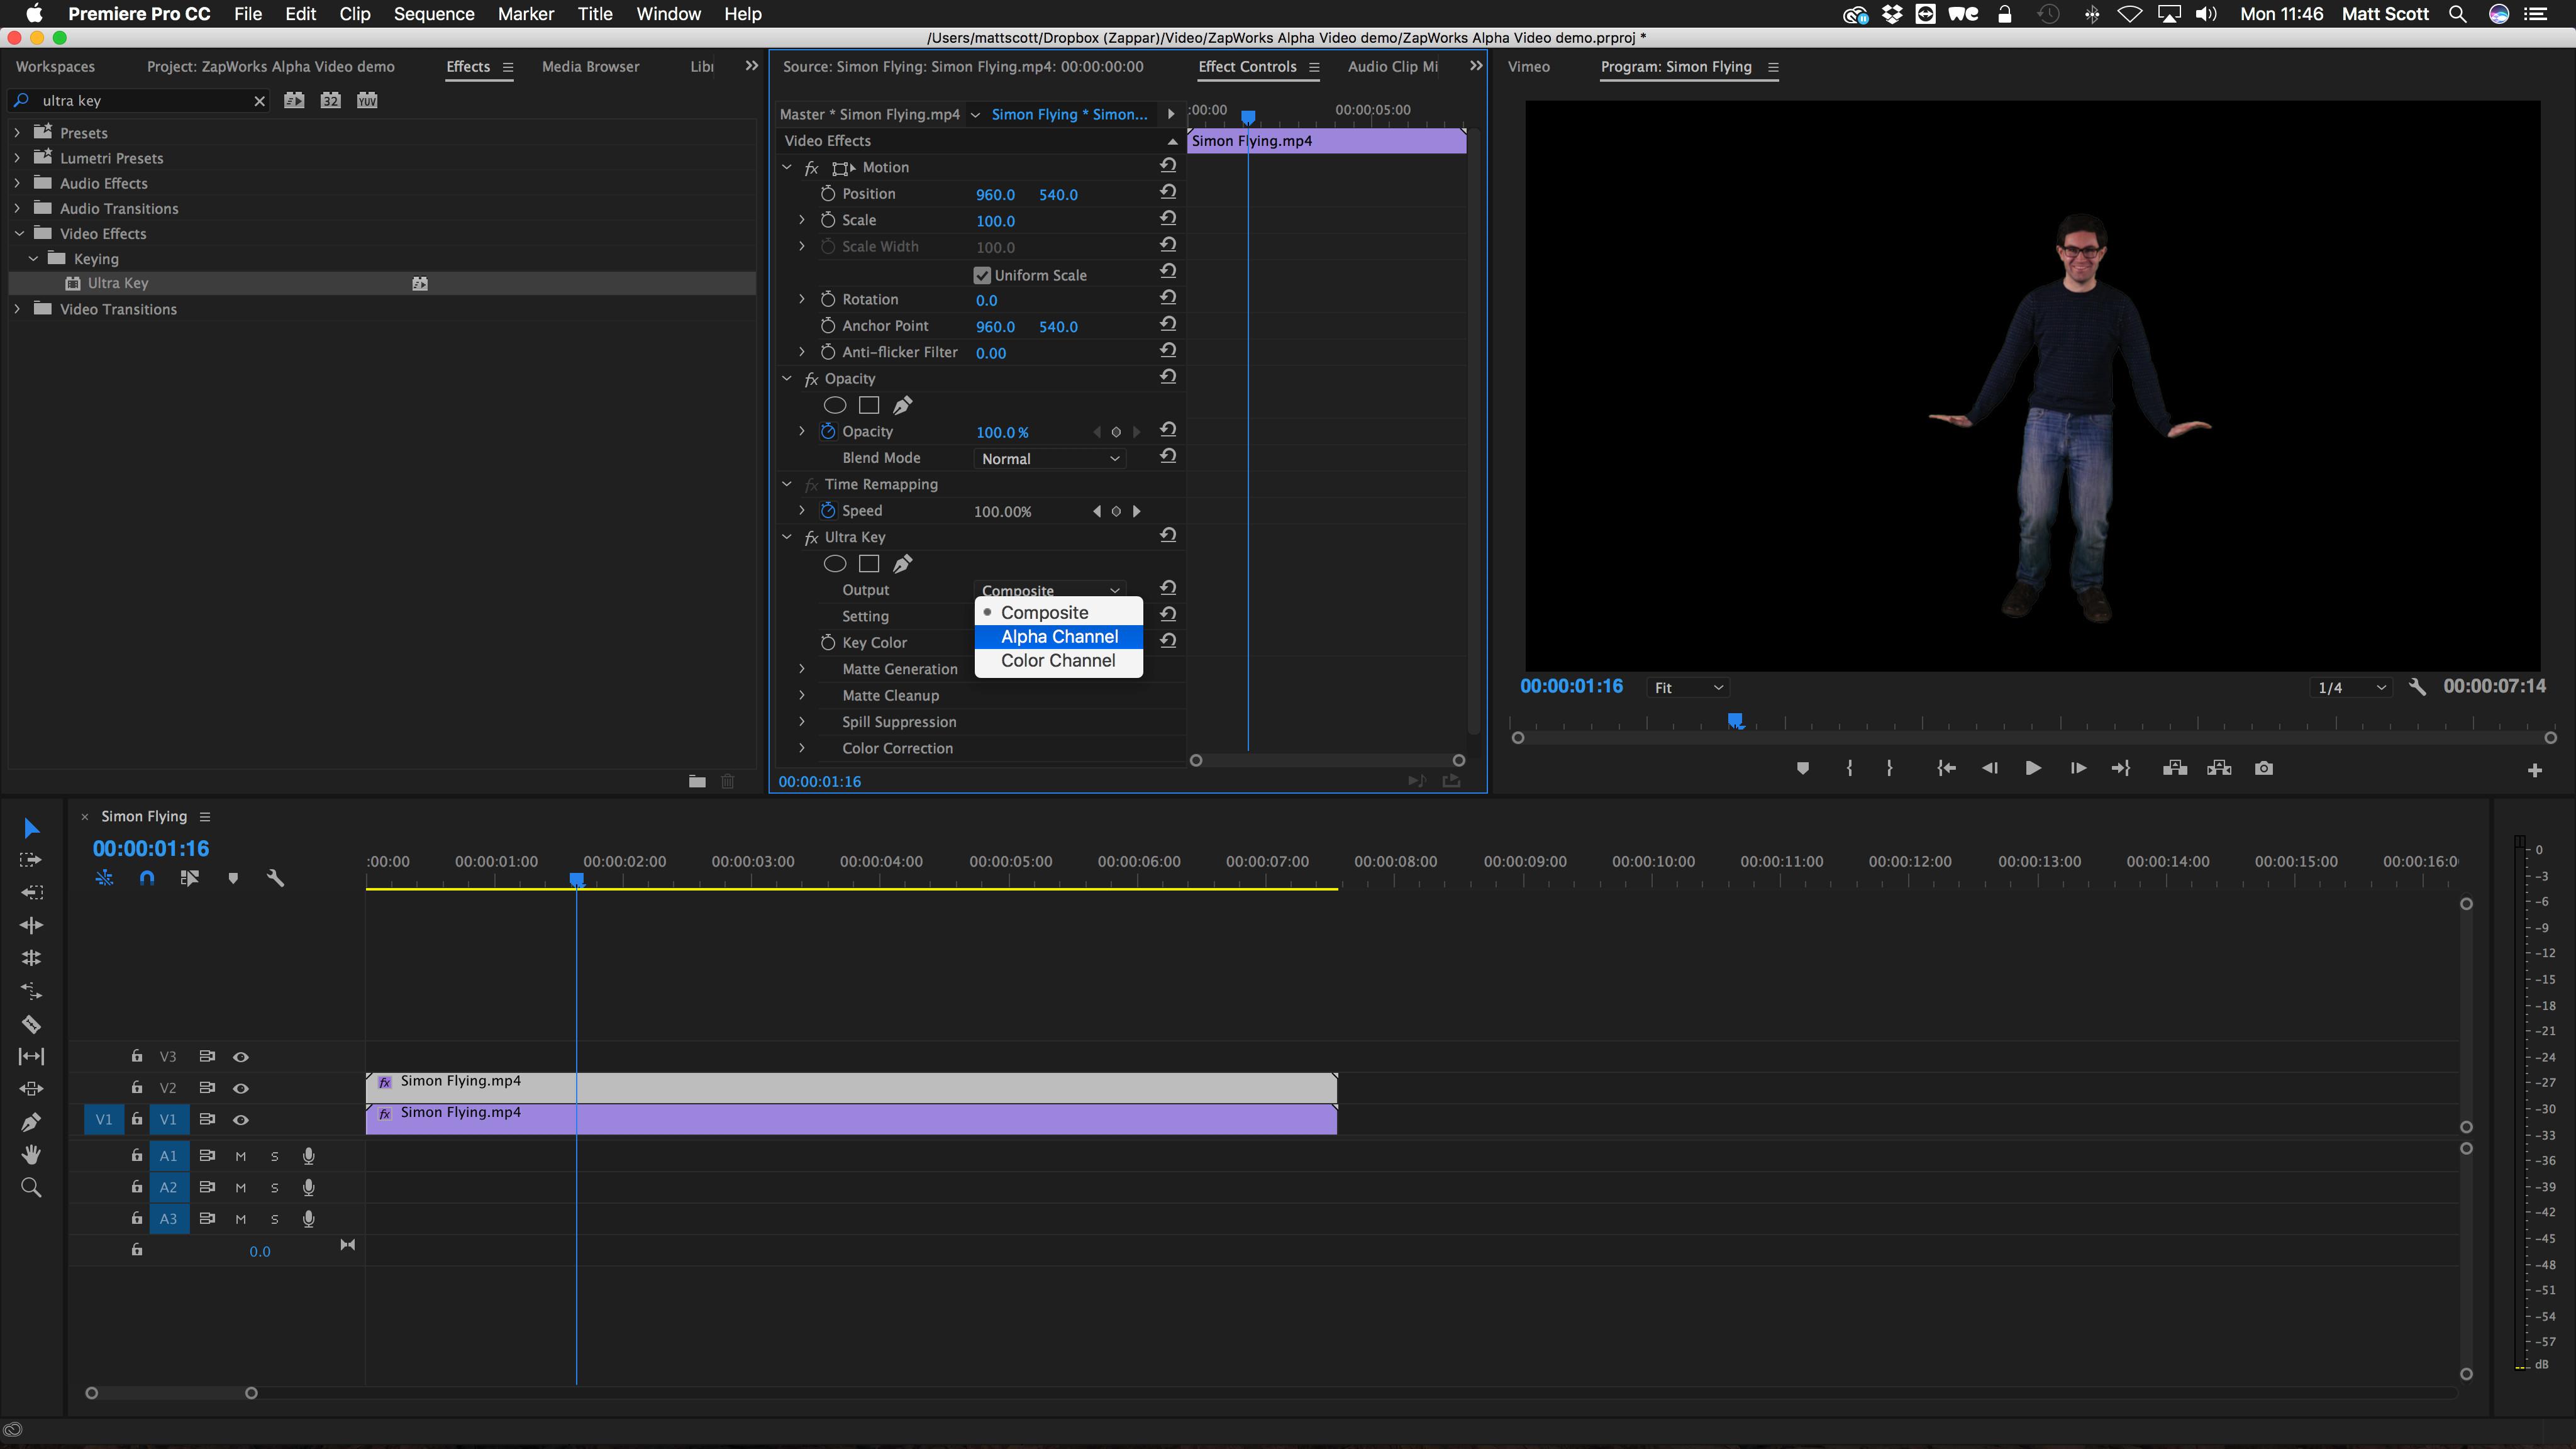 Alpha Video in Studio - Tutorials (Beta) - ZapWorks Forum